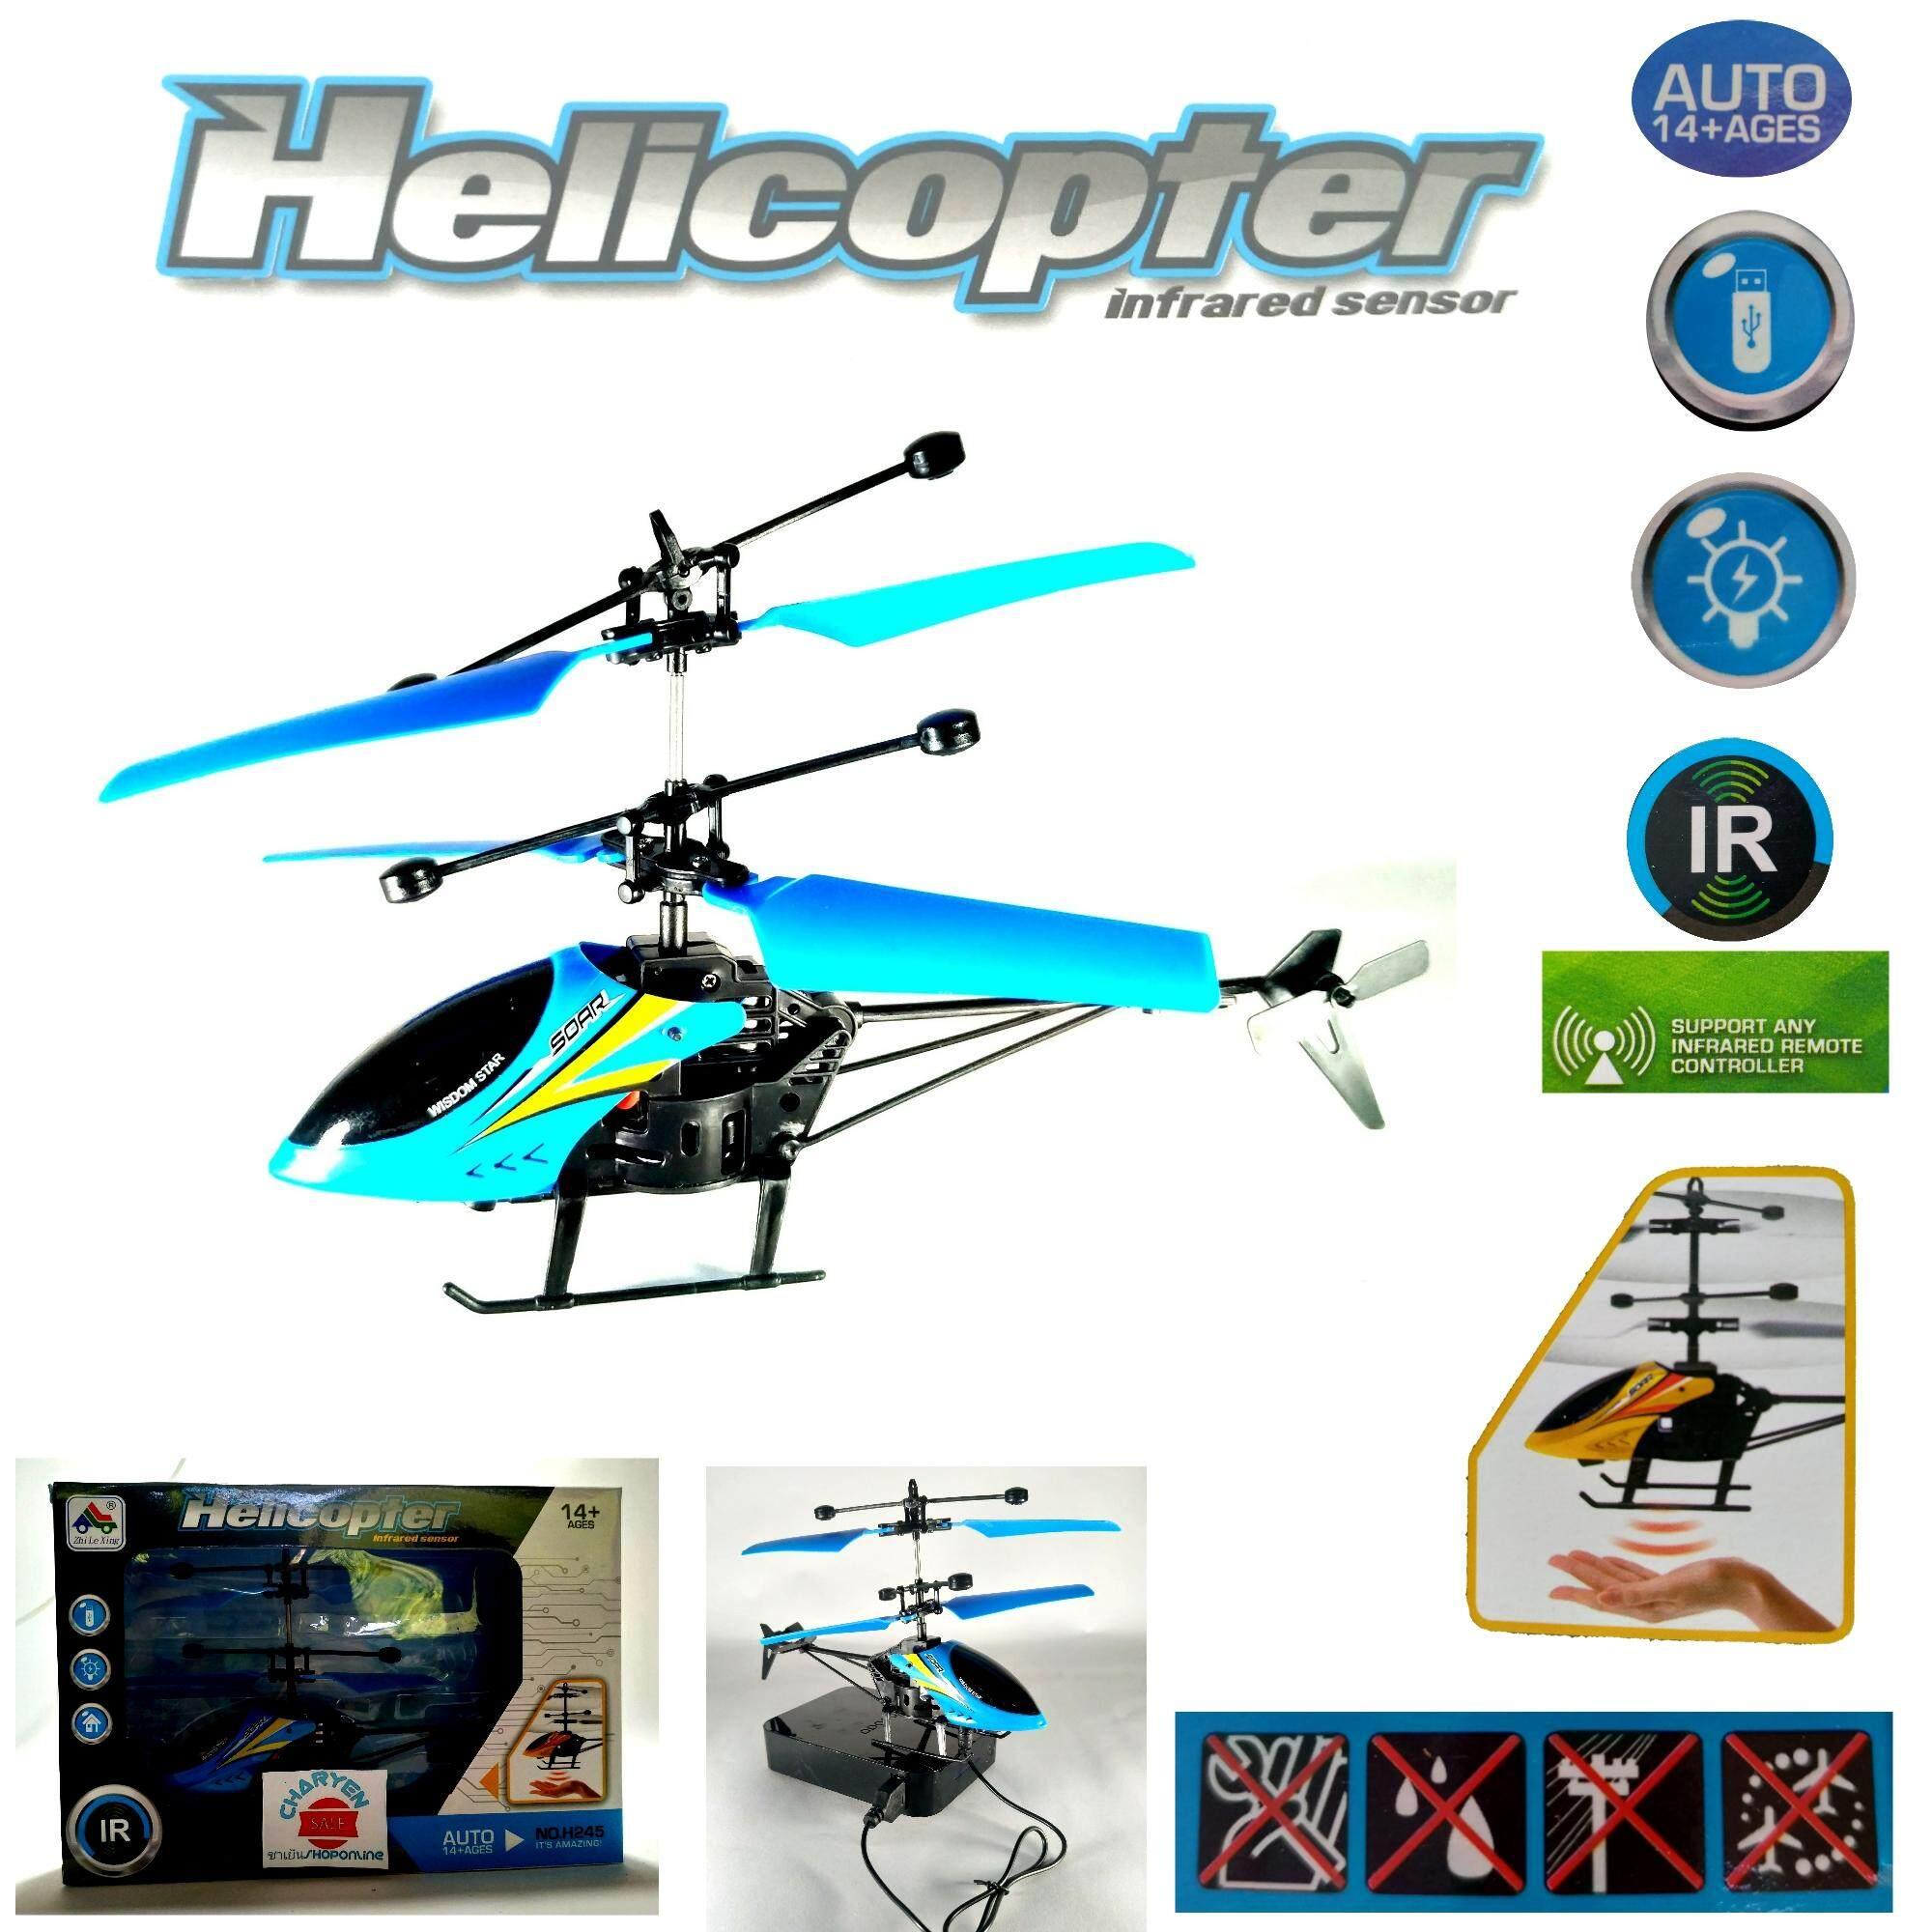 Helicopter Infared Senser (ชาร์จแบตได้)  สีฟ้า.